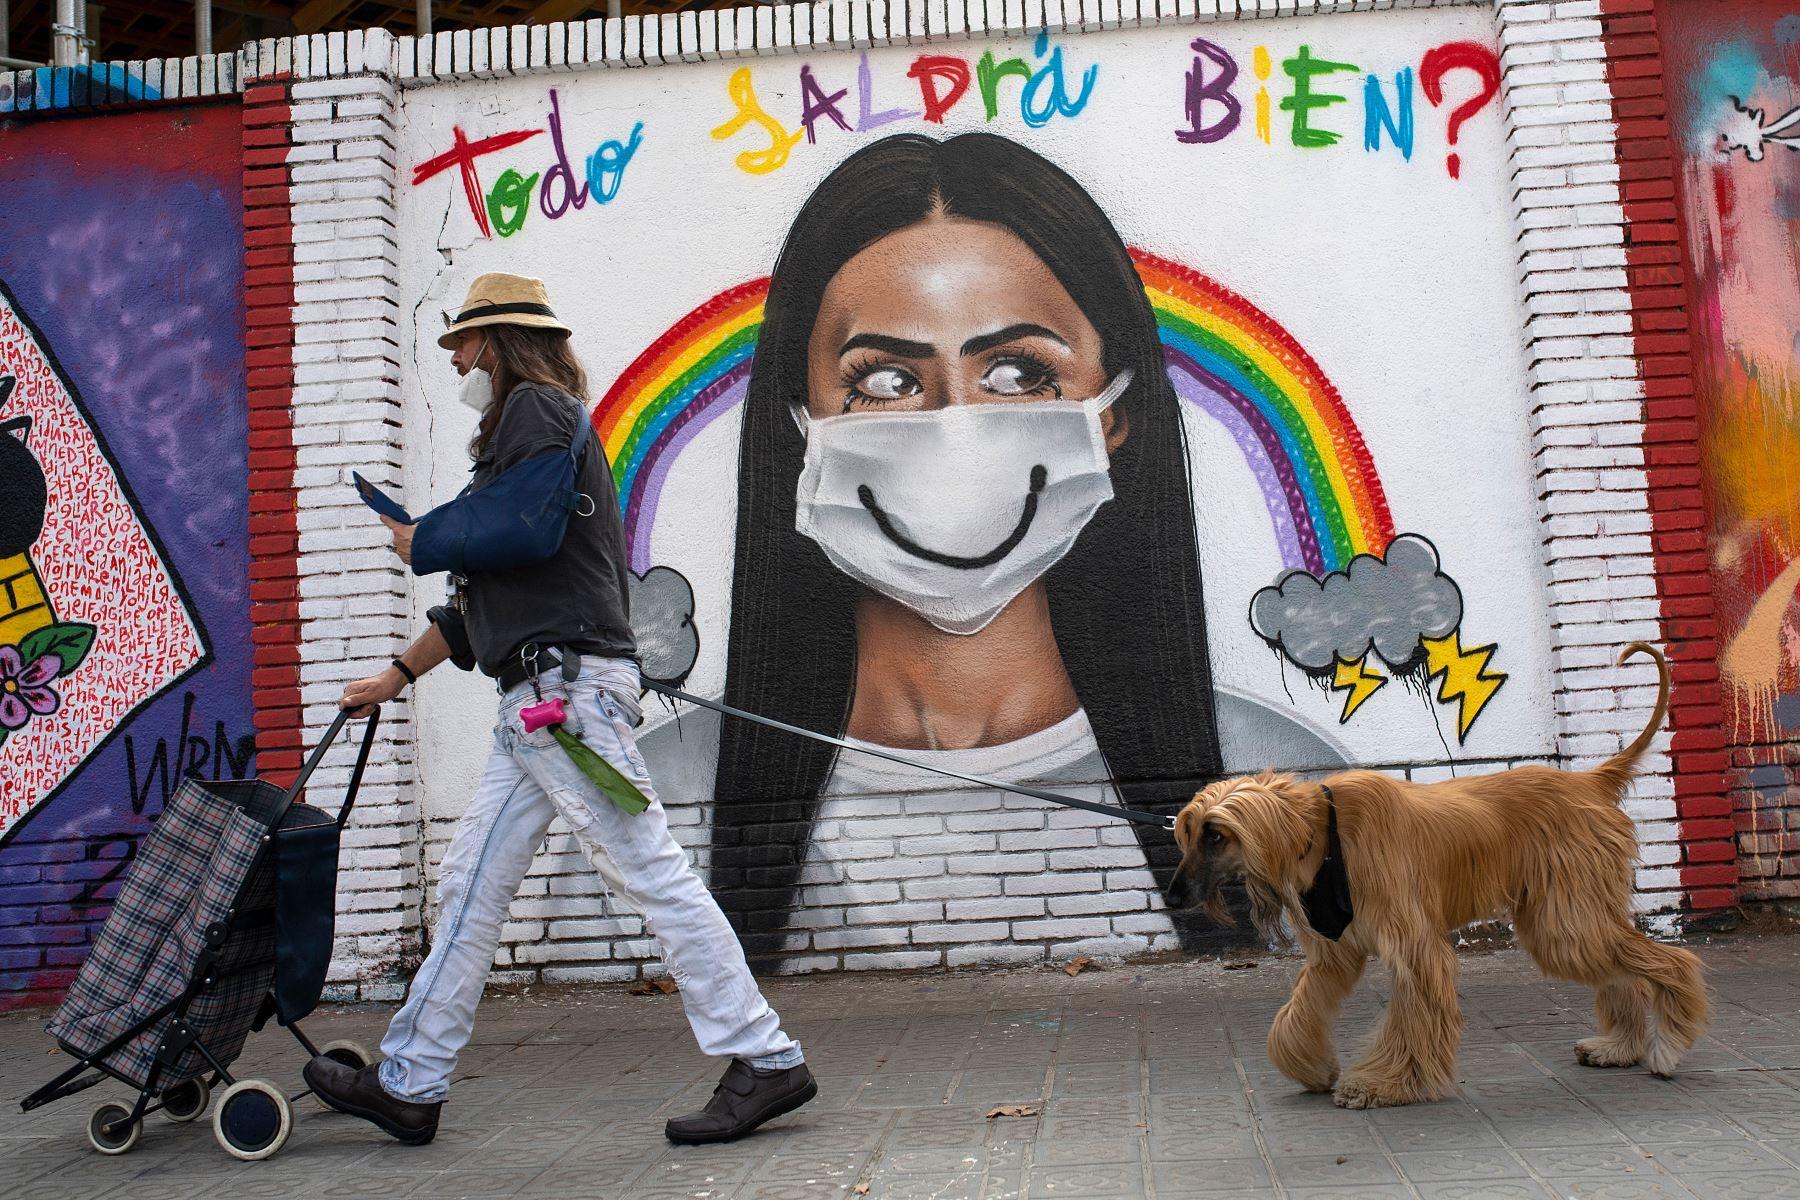 Un ciudadano que pasea a su mascota pasa junto a un mural en el centro de Barcelona. Foto: AFP